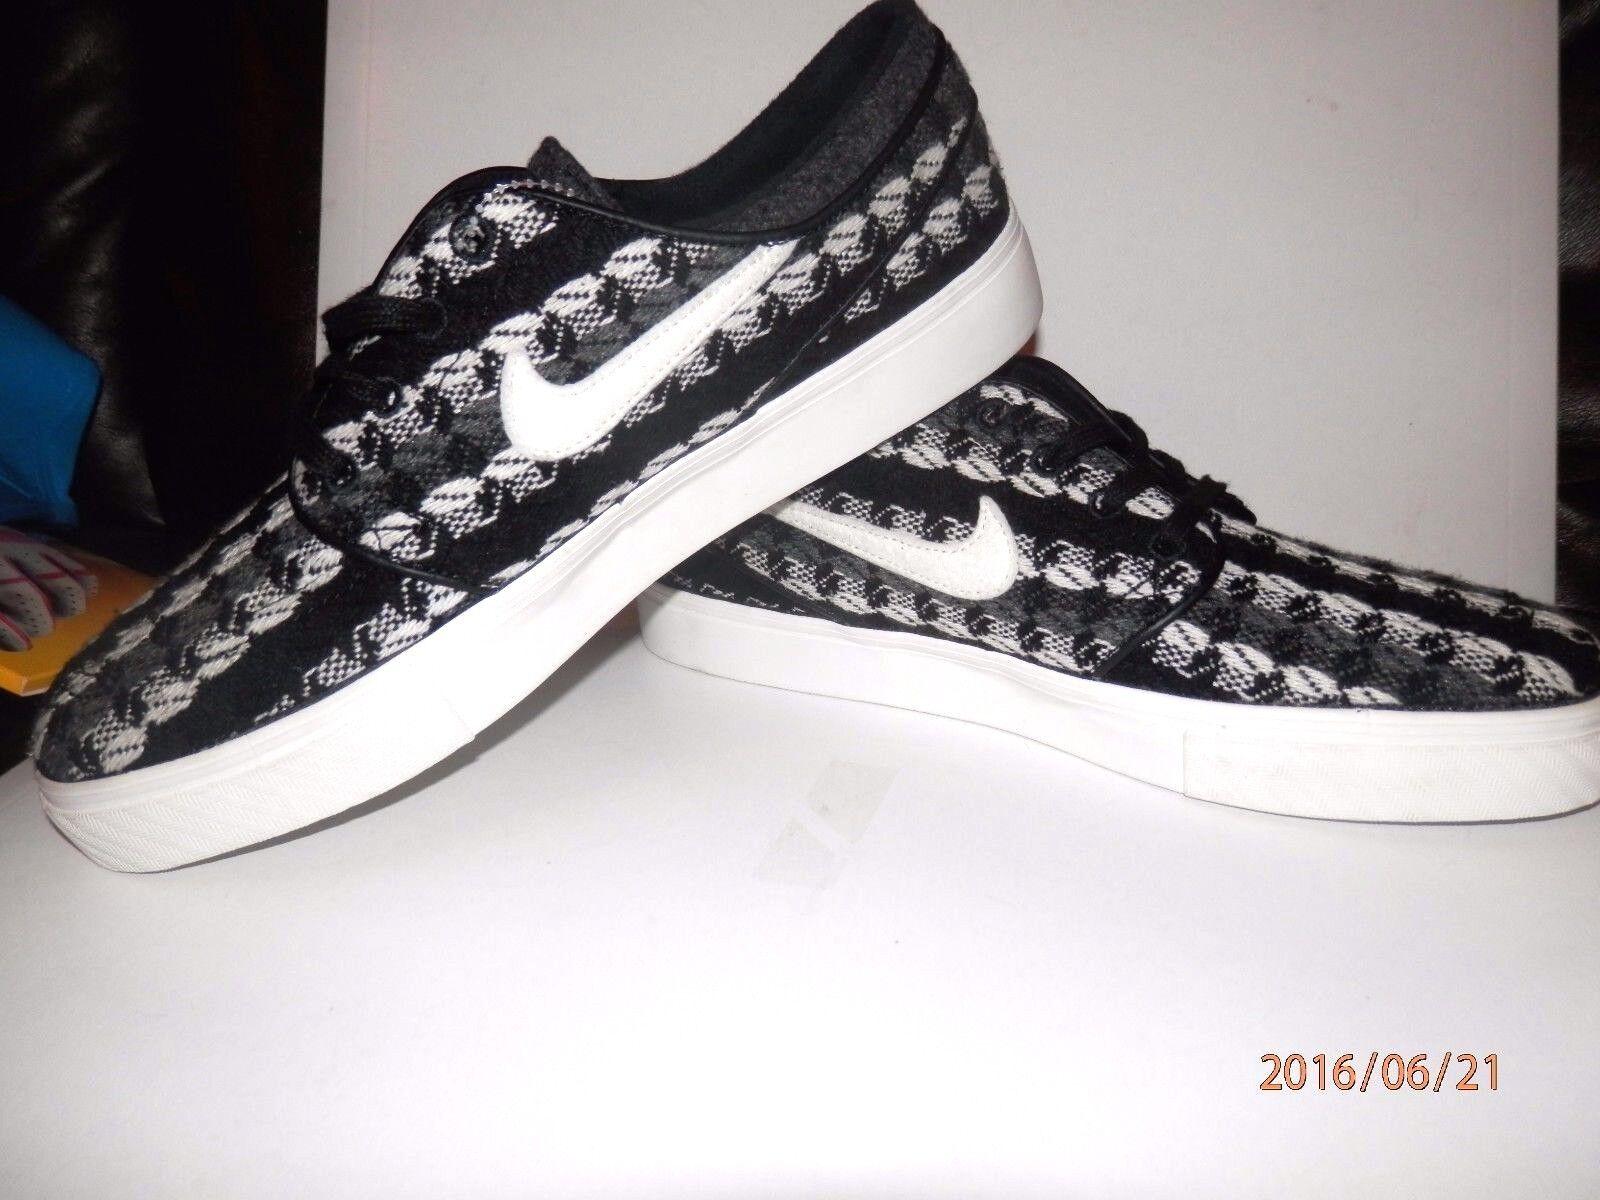 nike à planche à roulettes stefan janoski sz 9 * chaussures 685277-016 * 9 free pr du sb nike chaussettes 366a4b